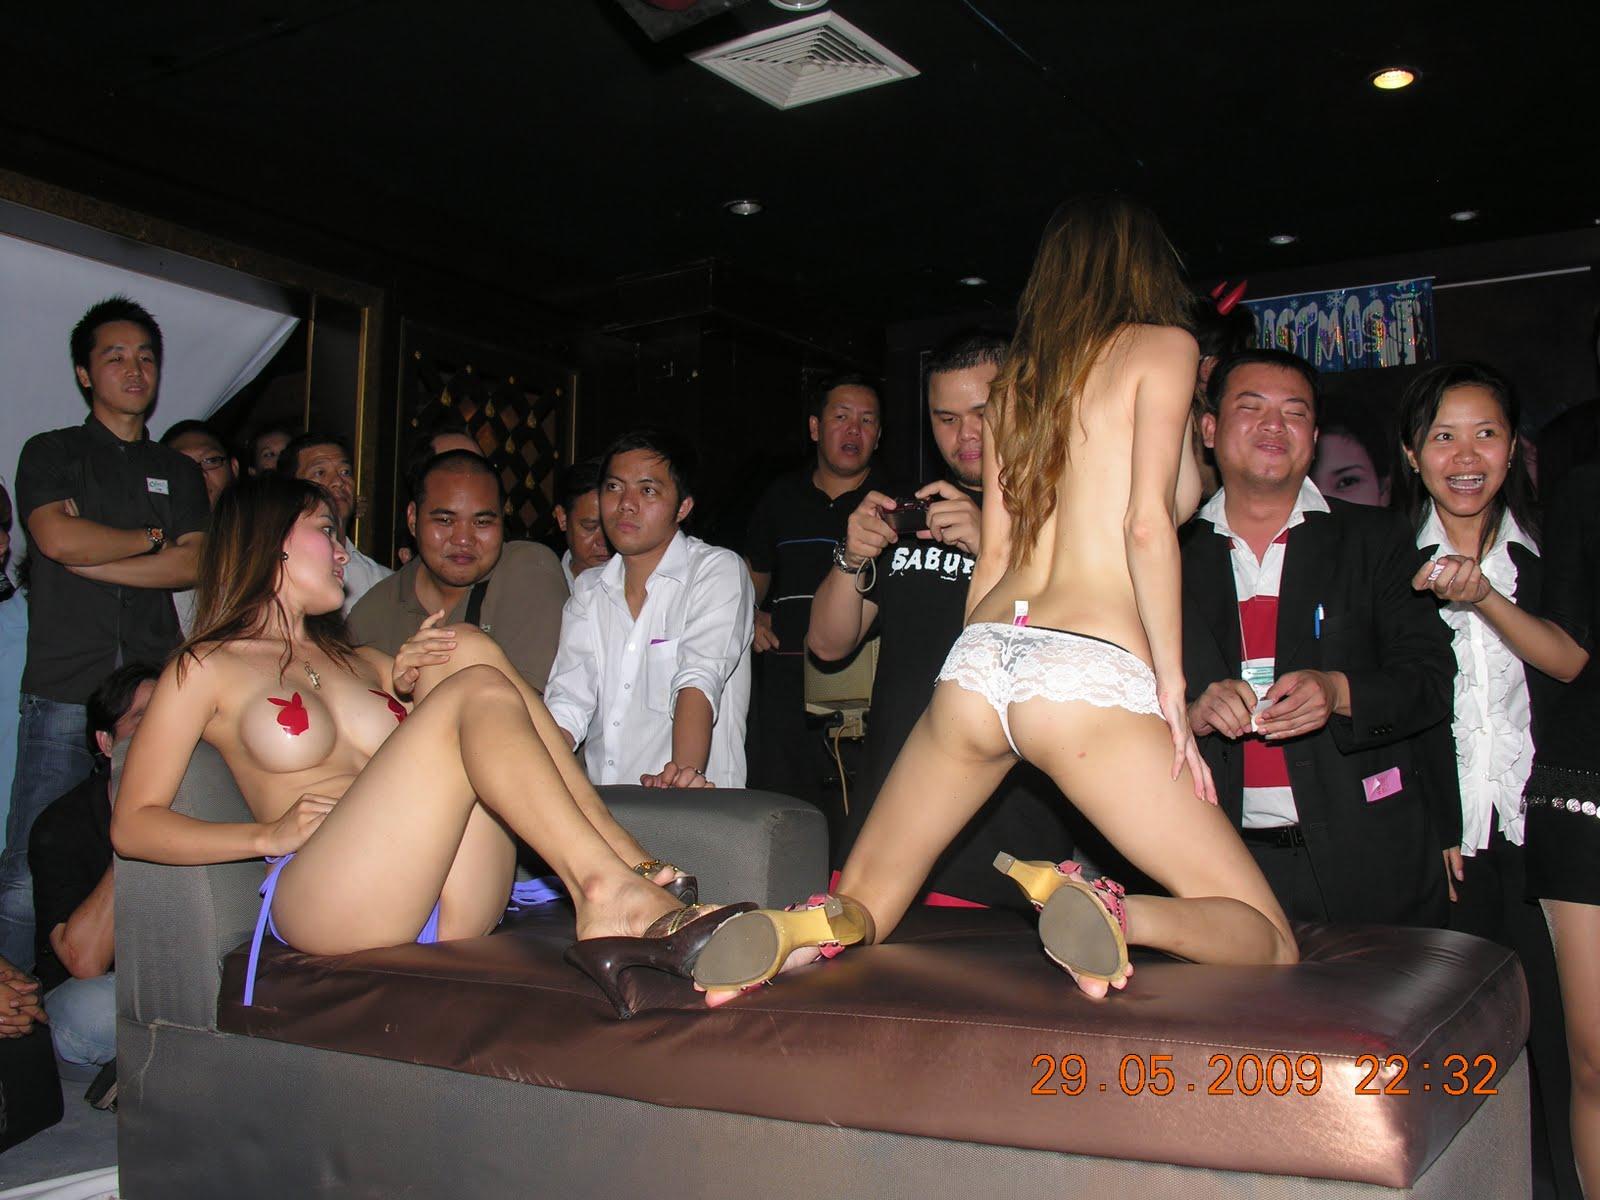 Pattaya 2011 threesome in shower - 2 part 8